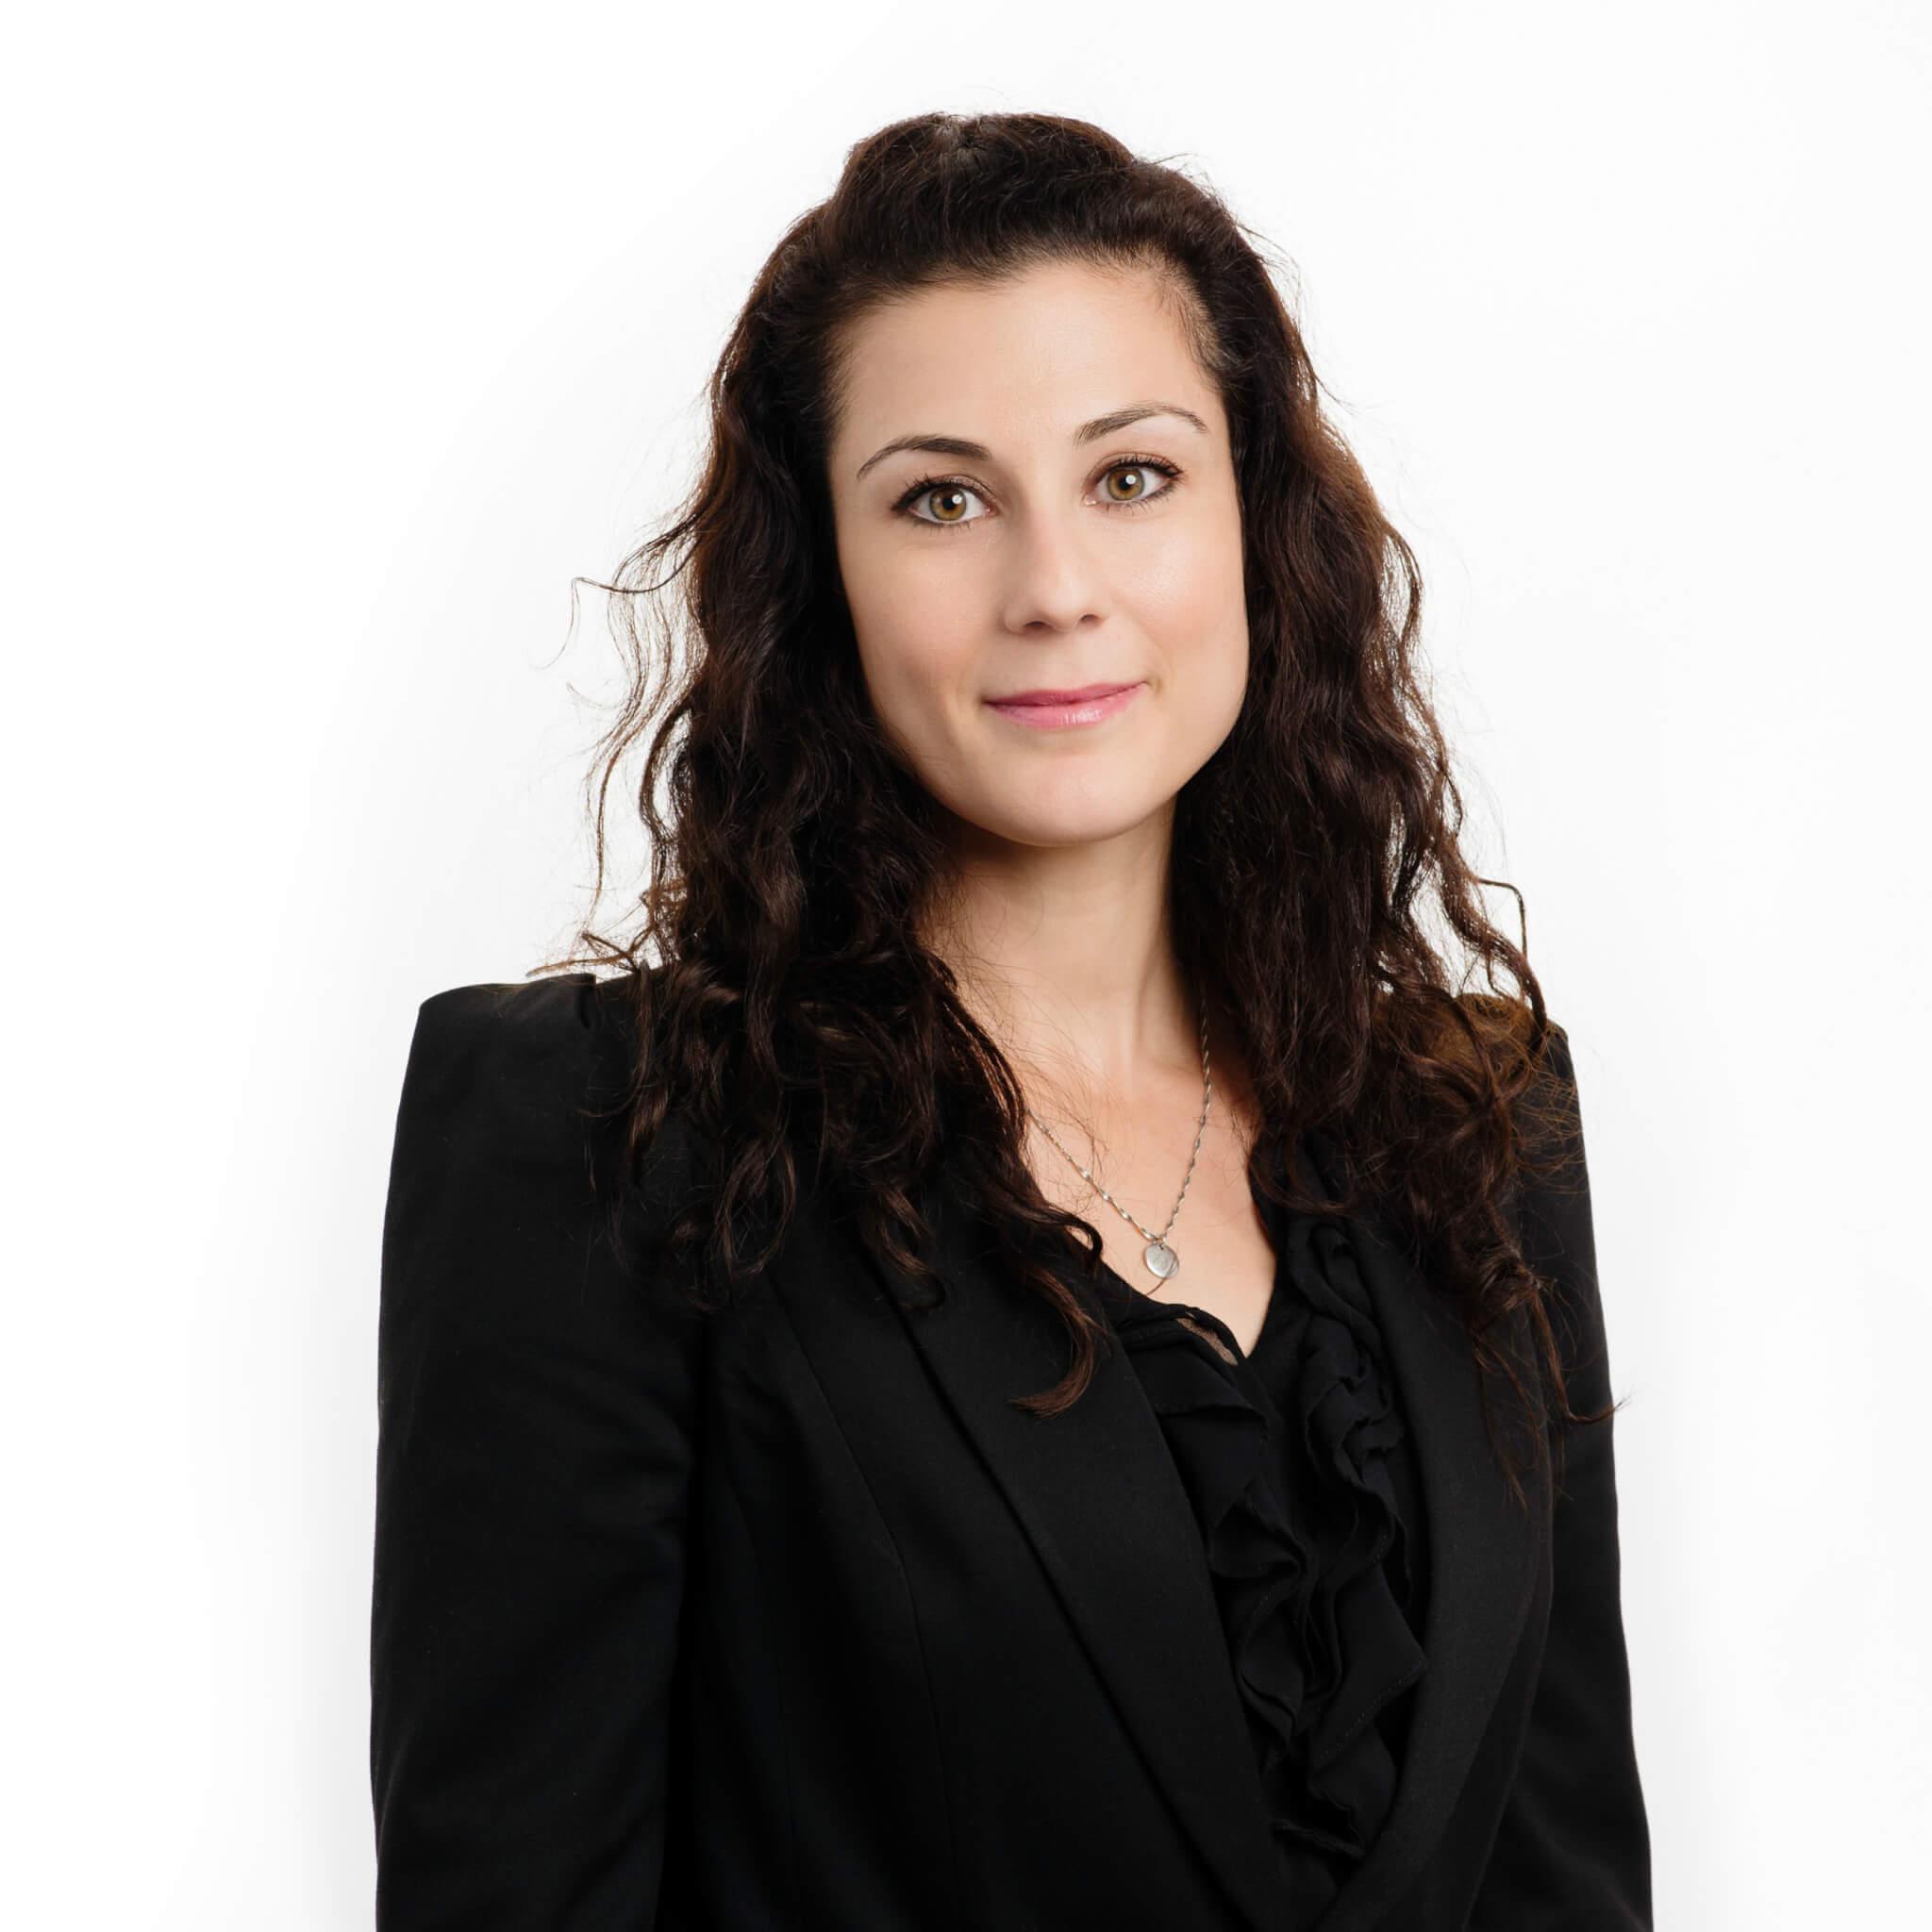 Sahar Barnham